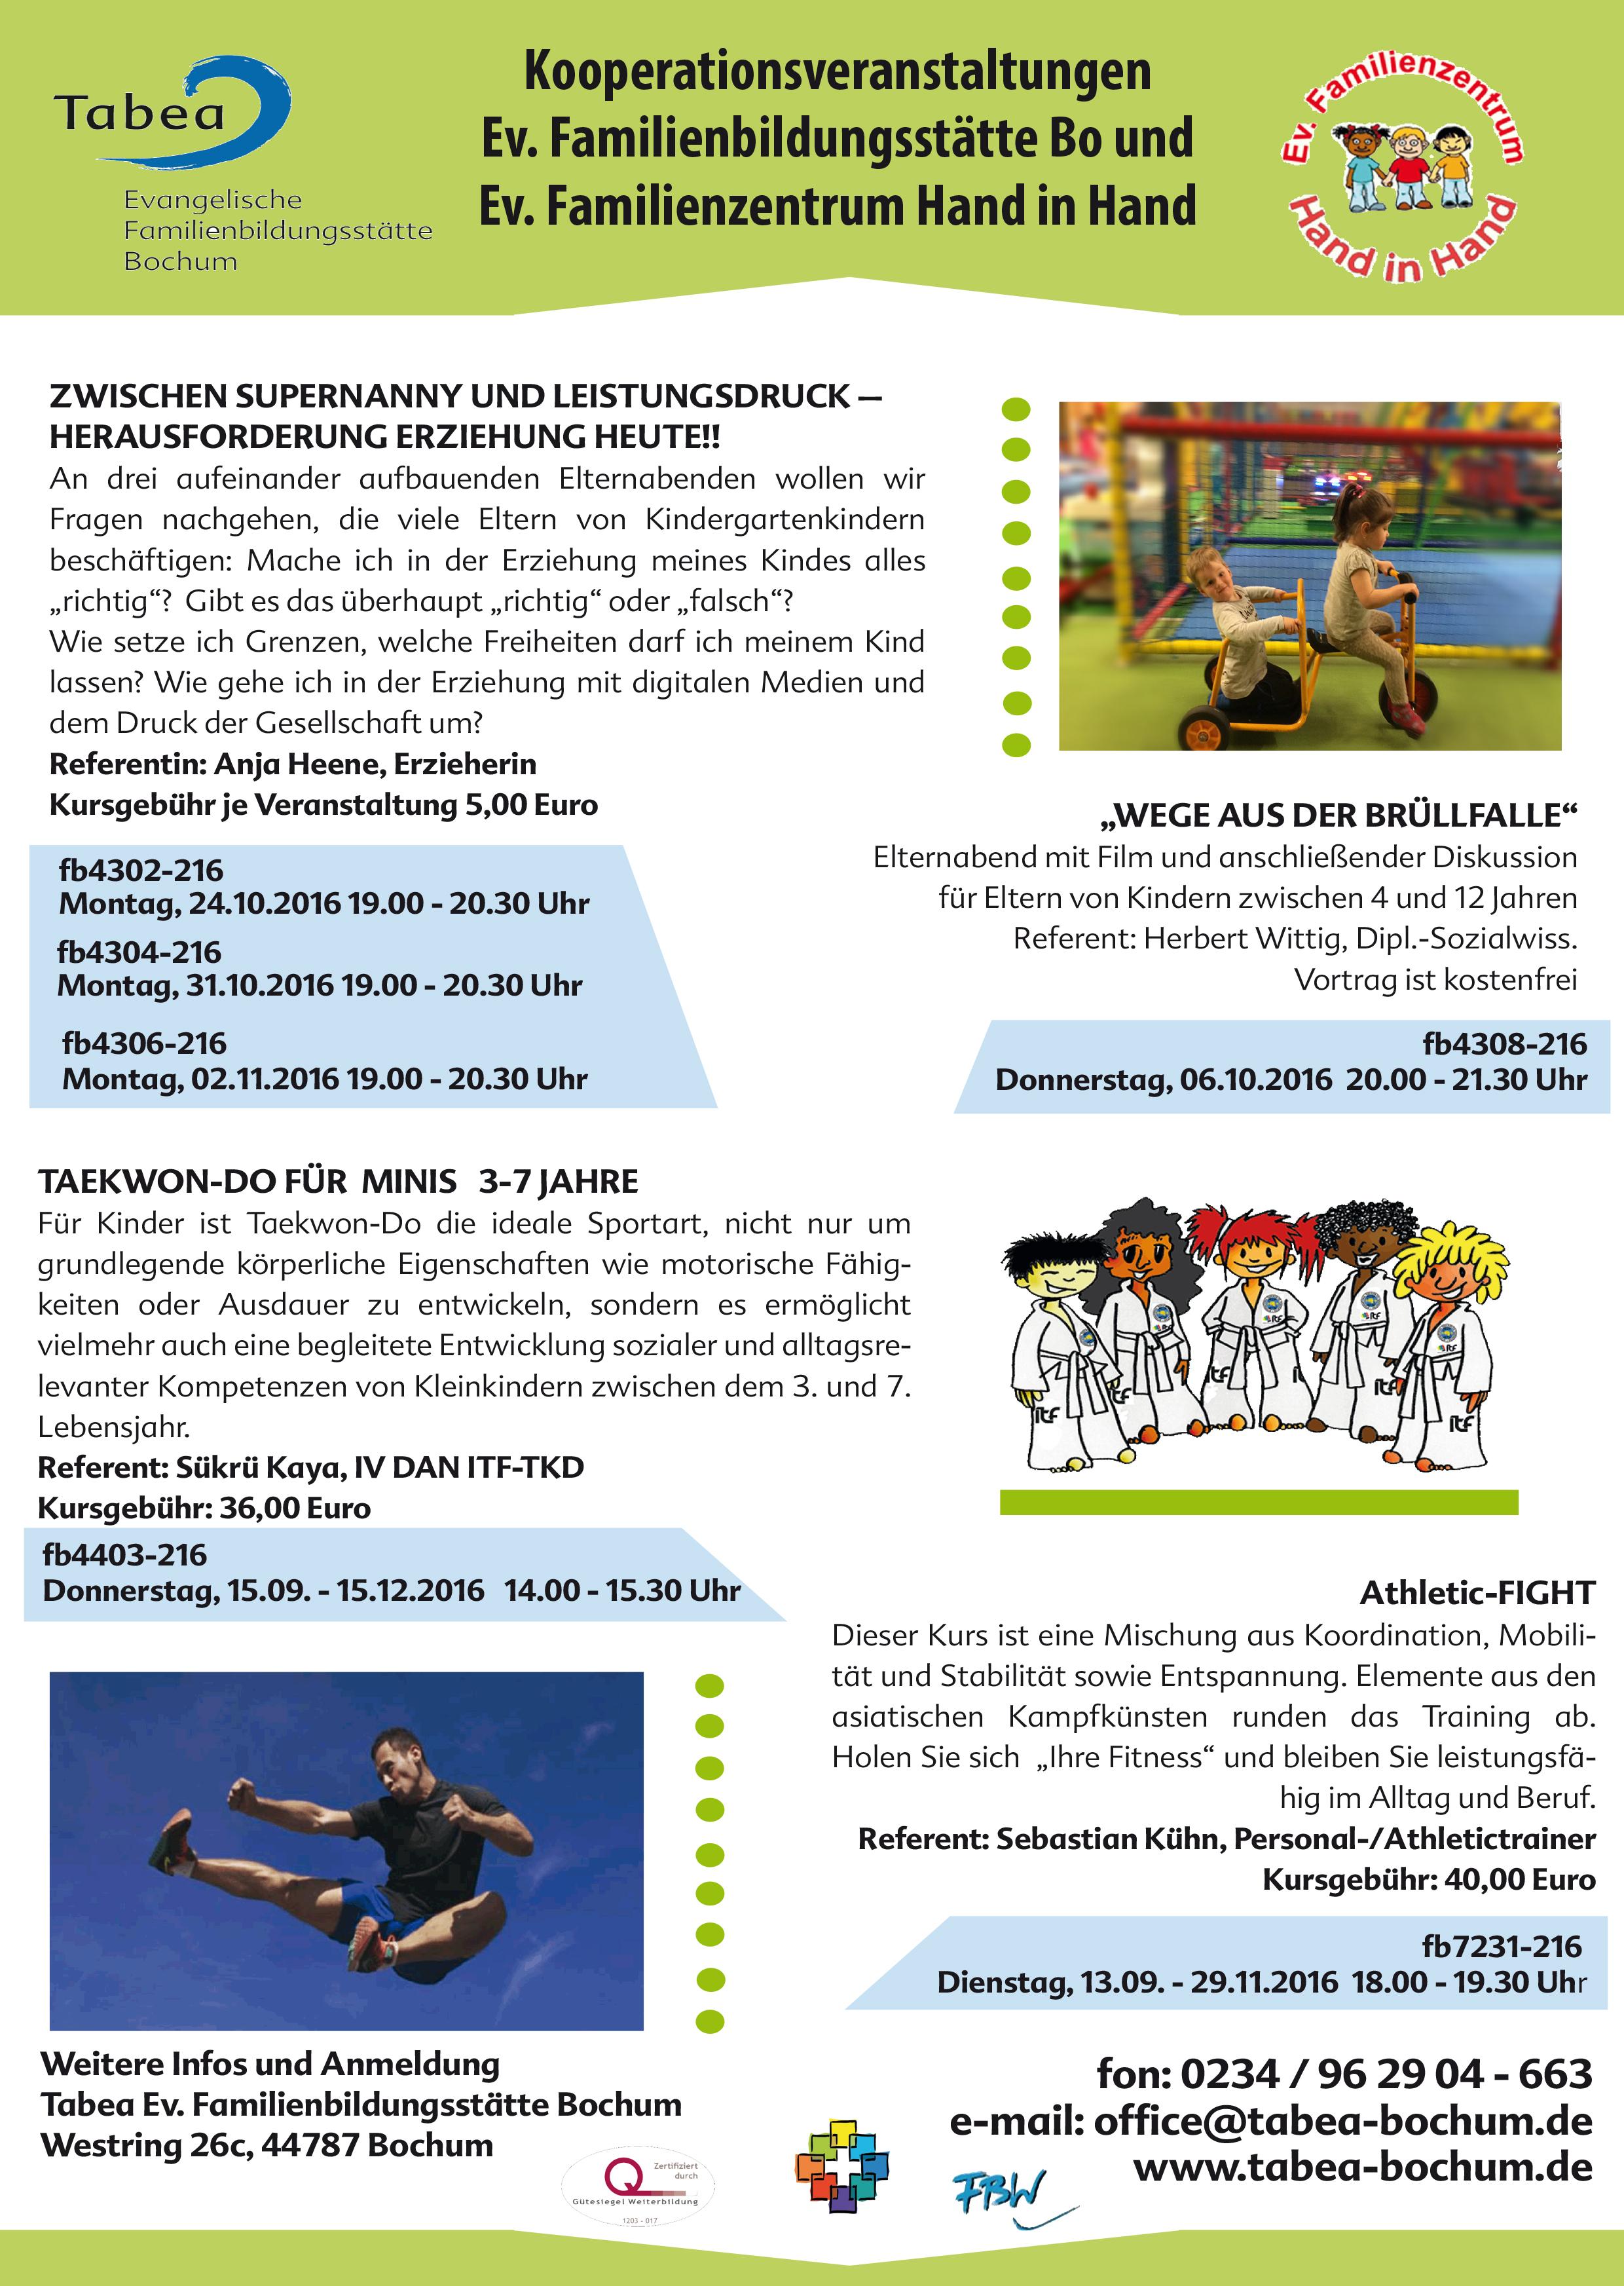 Kooperationsveranstaltungen Ev. Familienbildungsstätte Bo und Ev. Familienzentrum Hand in Hand